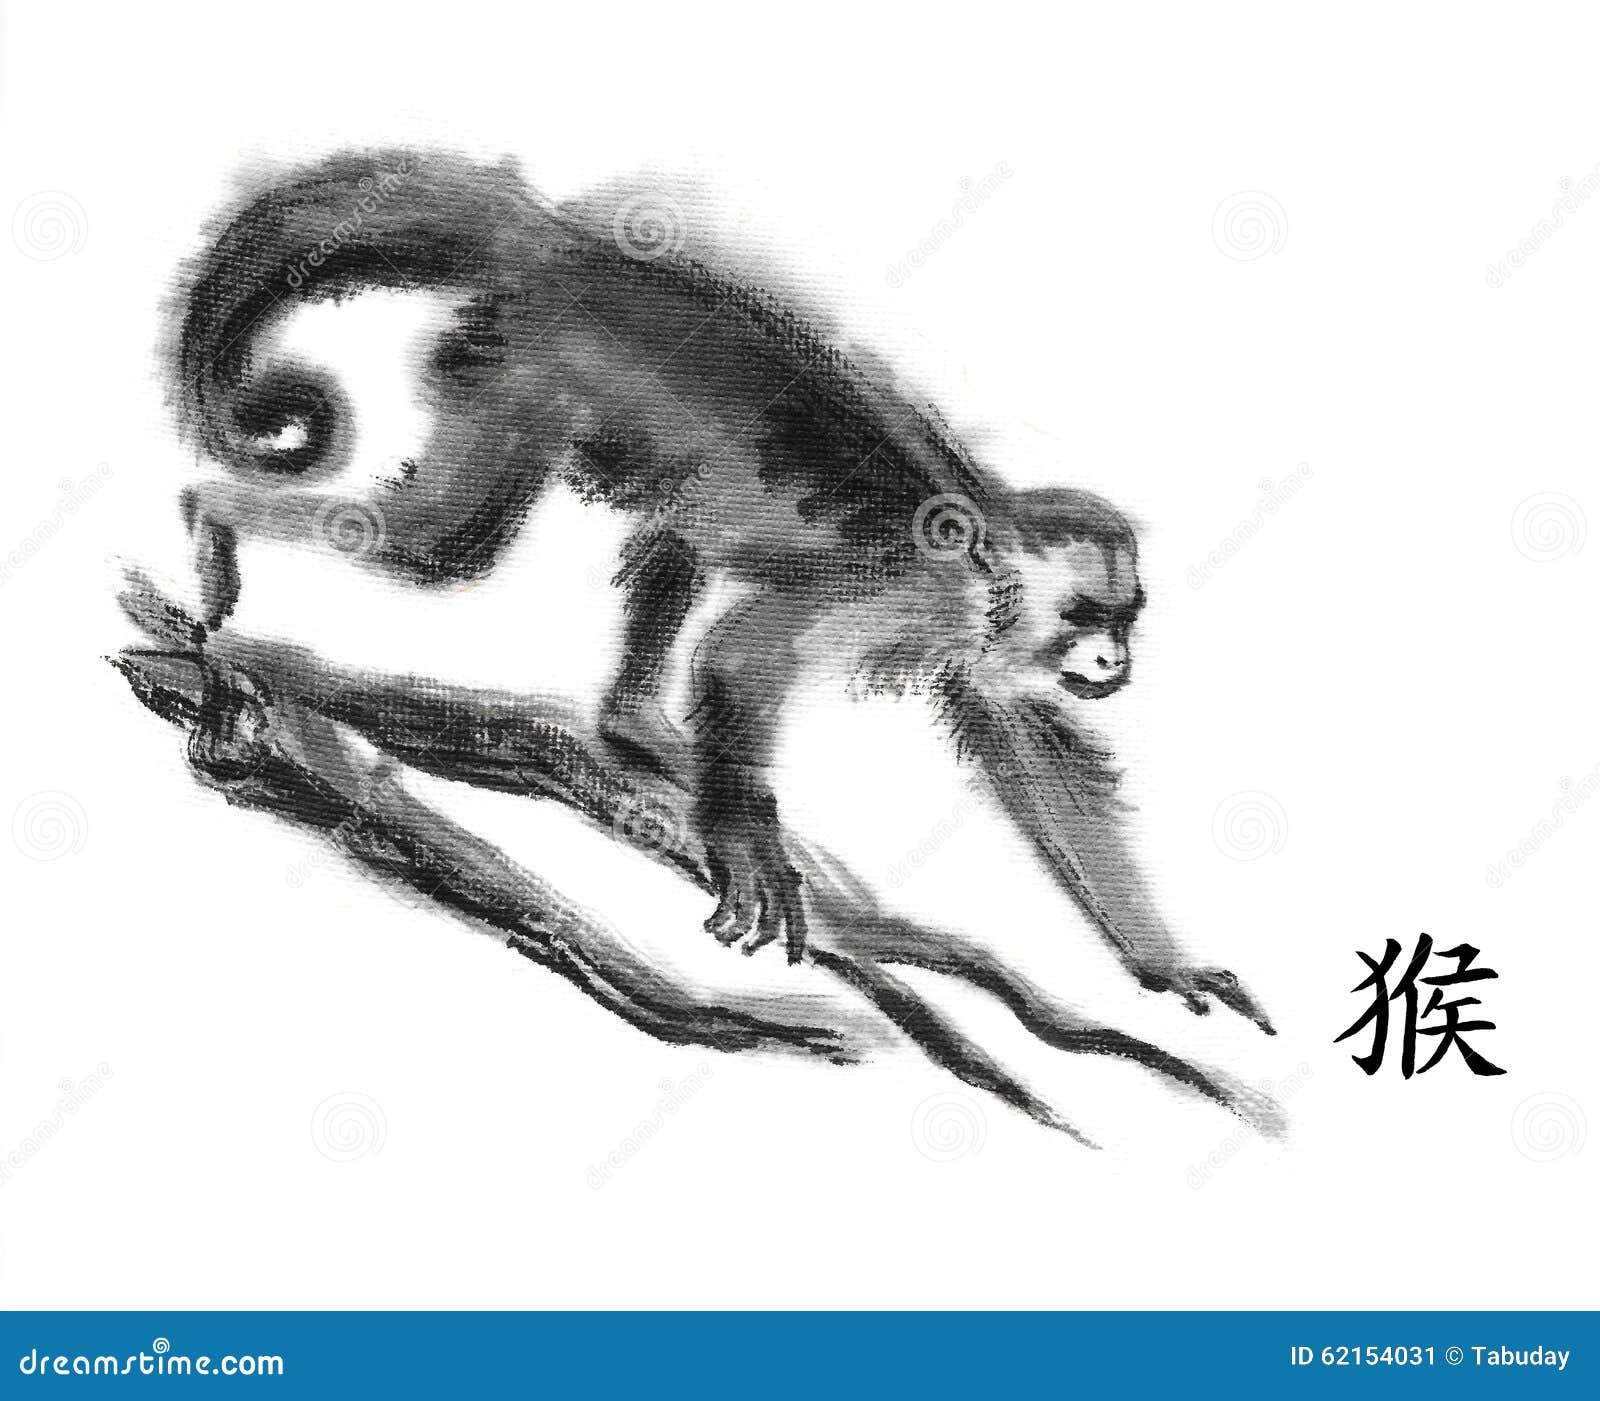 Monkey Ink Painting, Sumi-e Stock Illustration - Image: 62154031